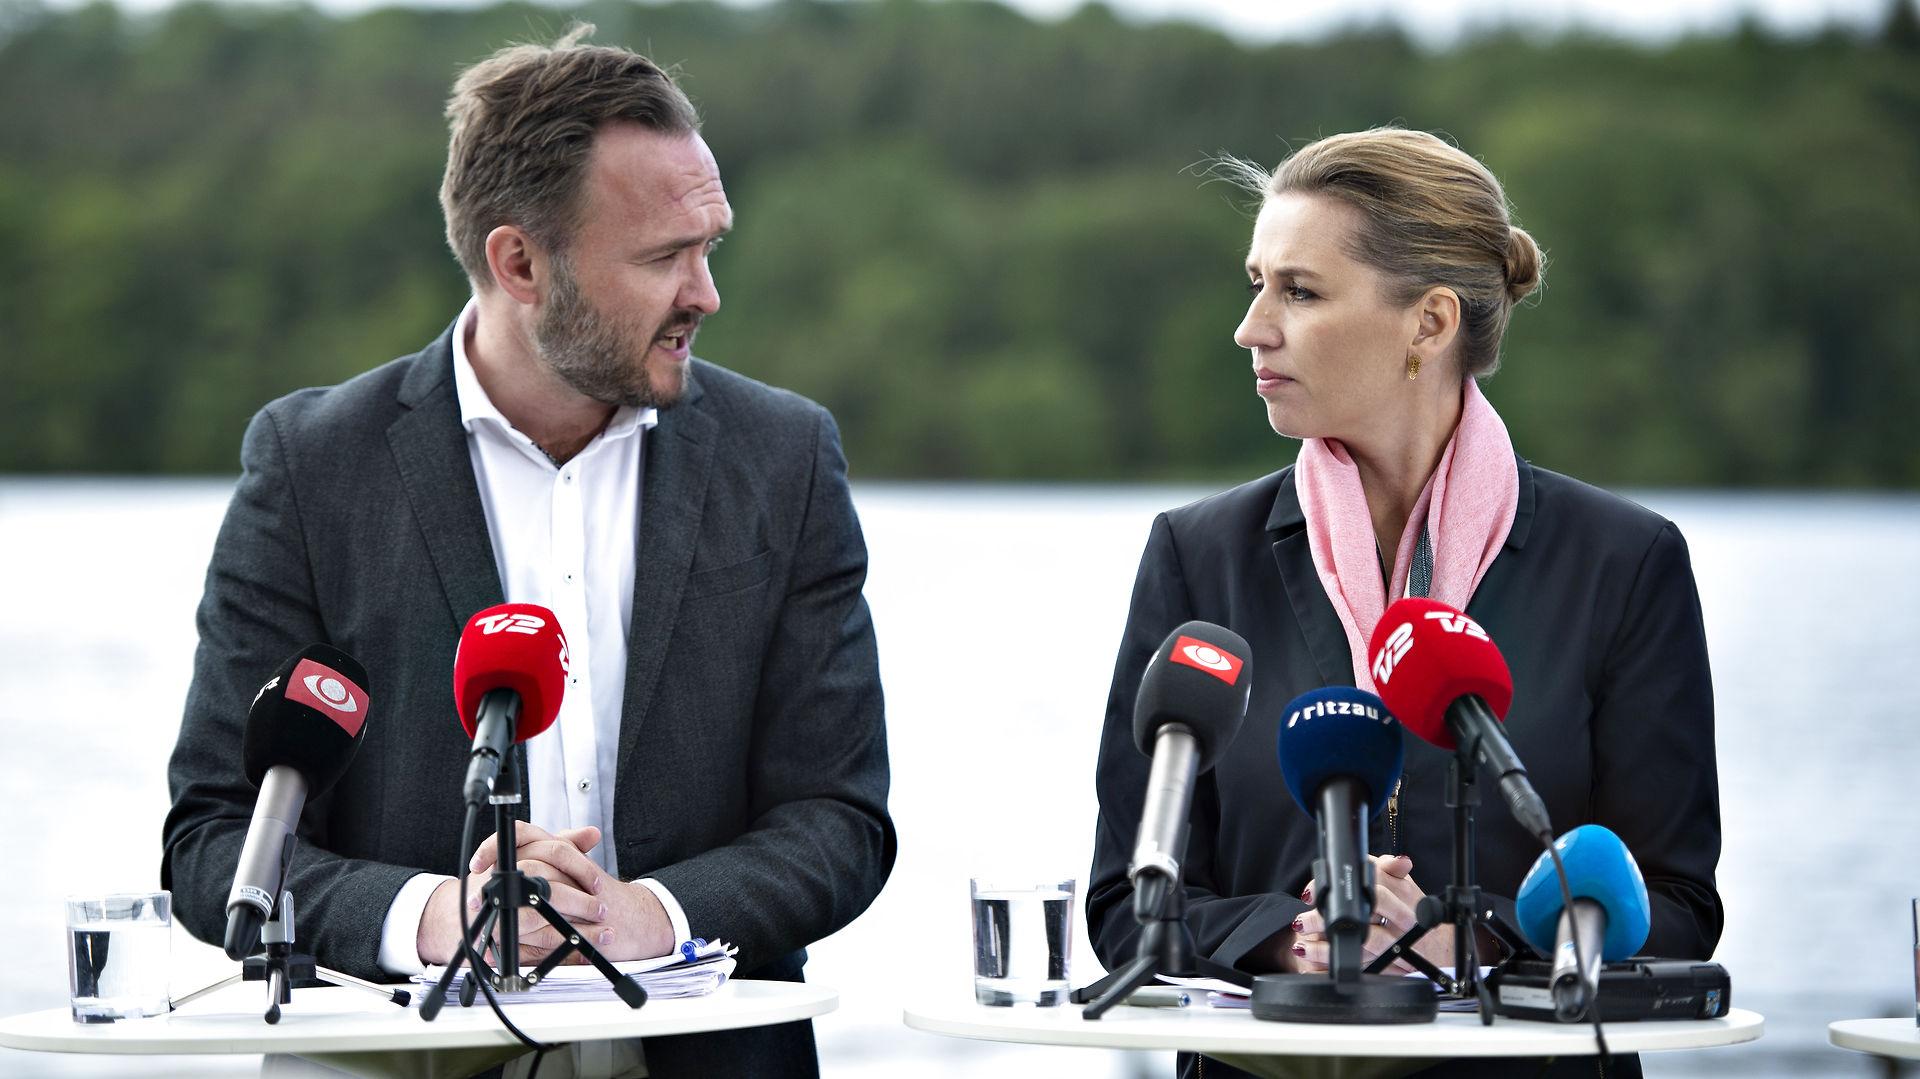 Frederik Roland Sandby: Regeringens reduktionsmål omfatter kun halvdelen af danskernes reelle klimaaftryk. Det skal tænkes om